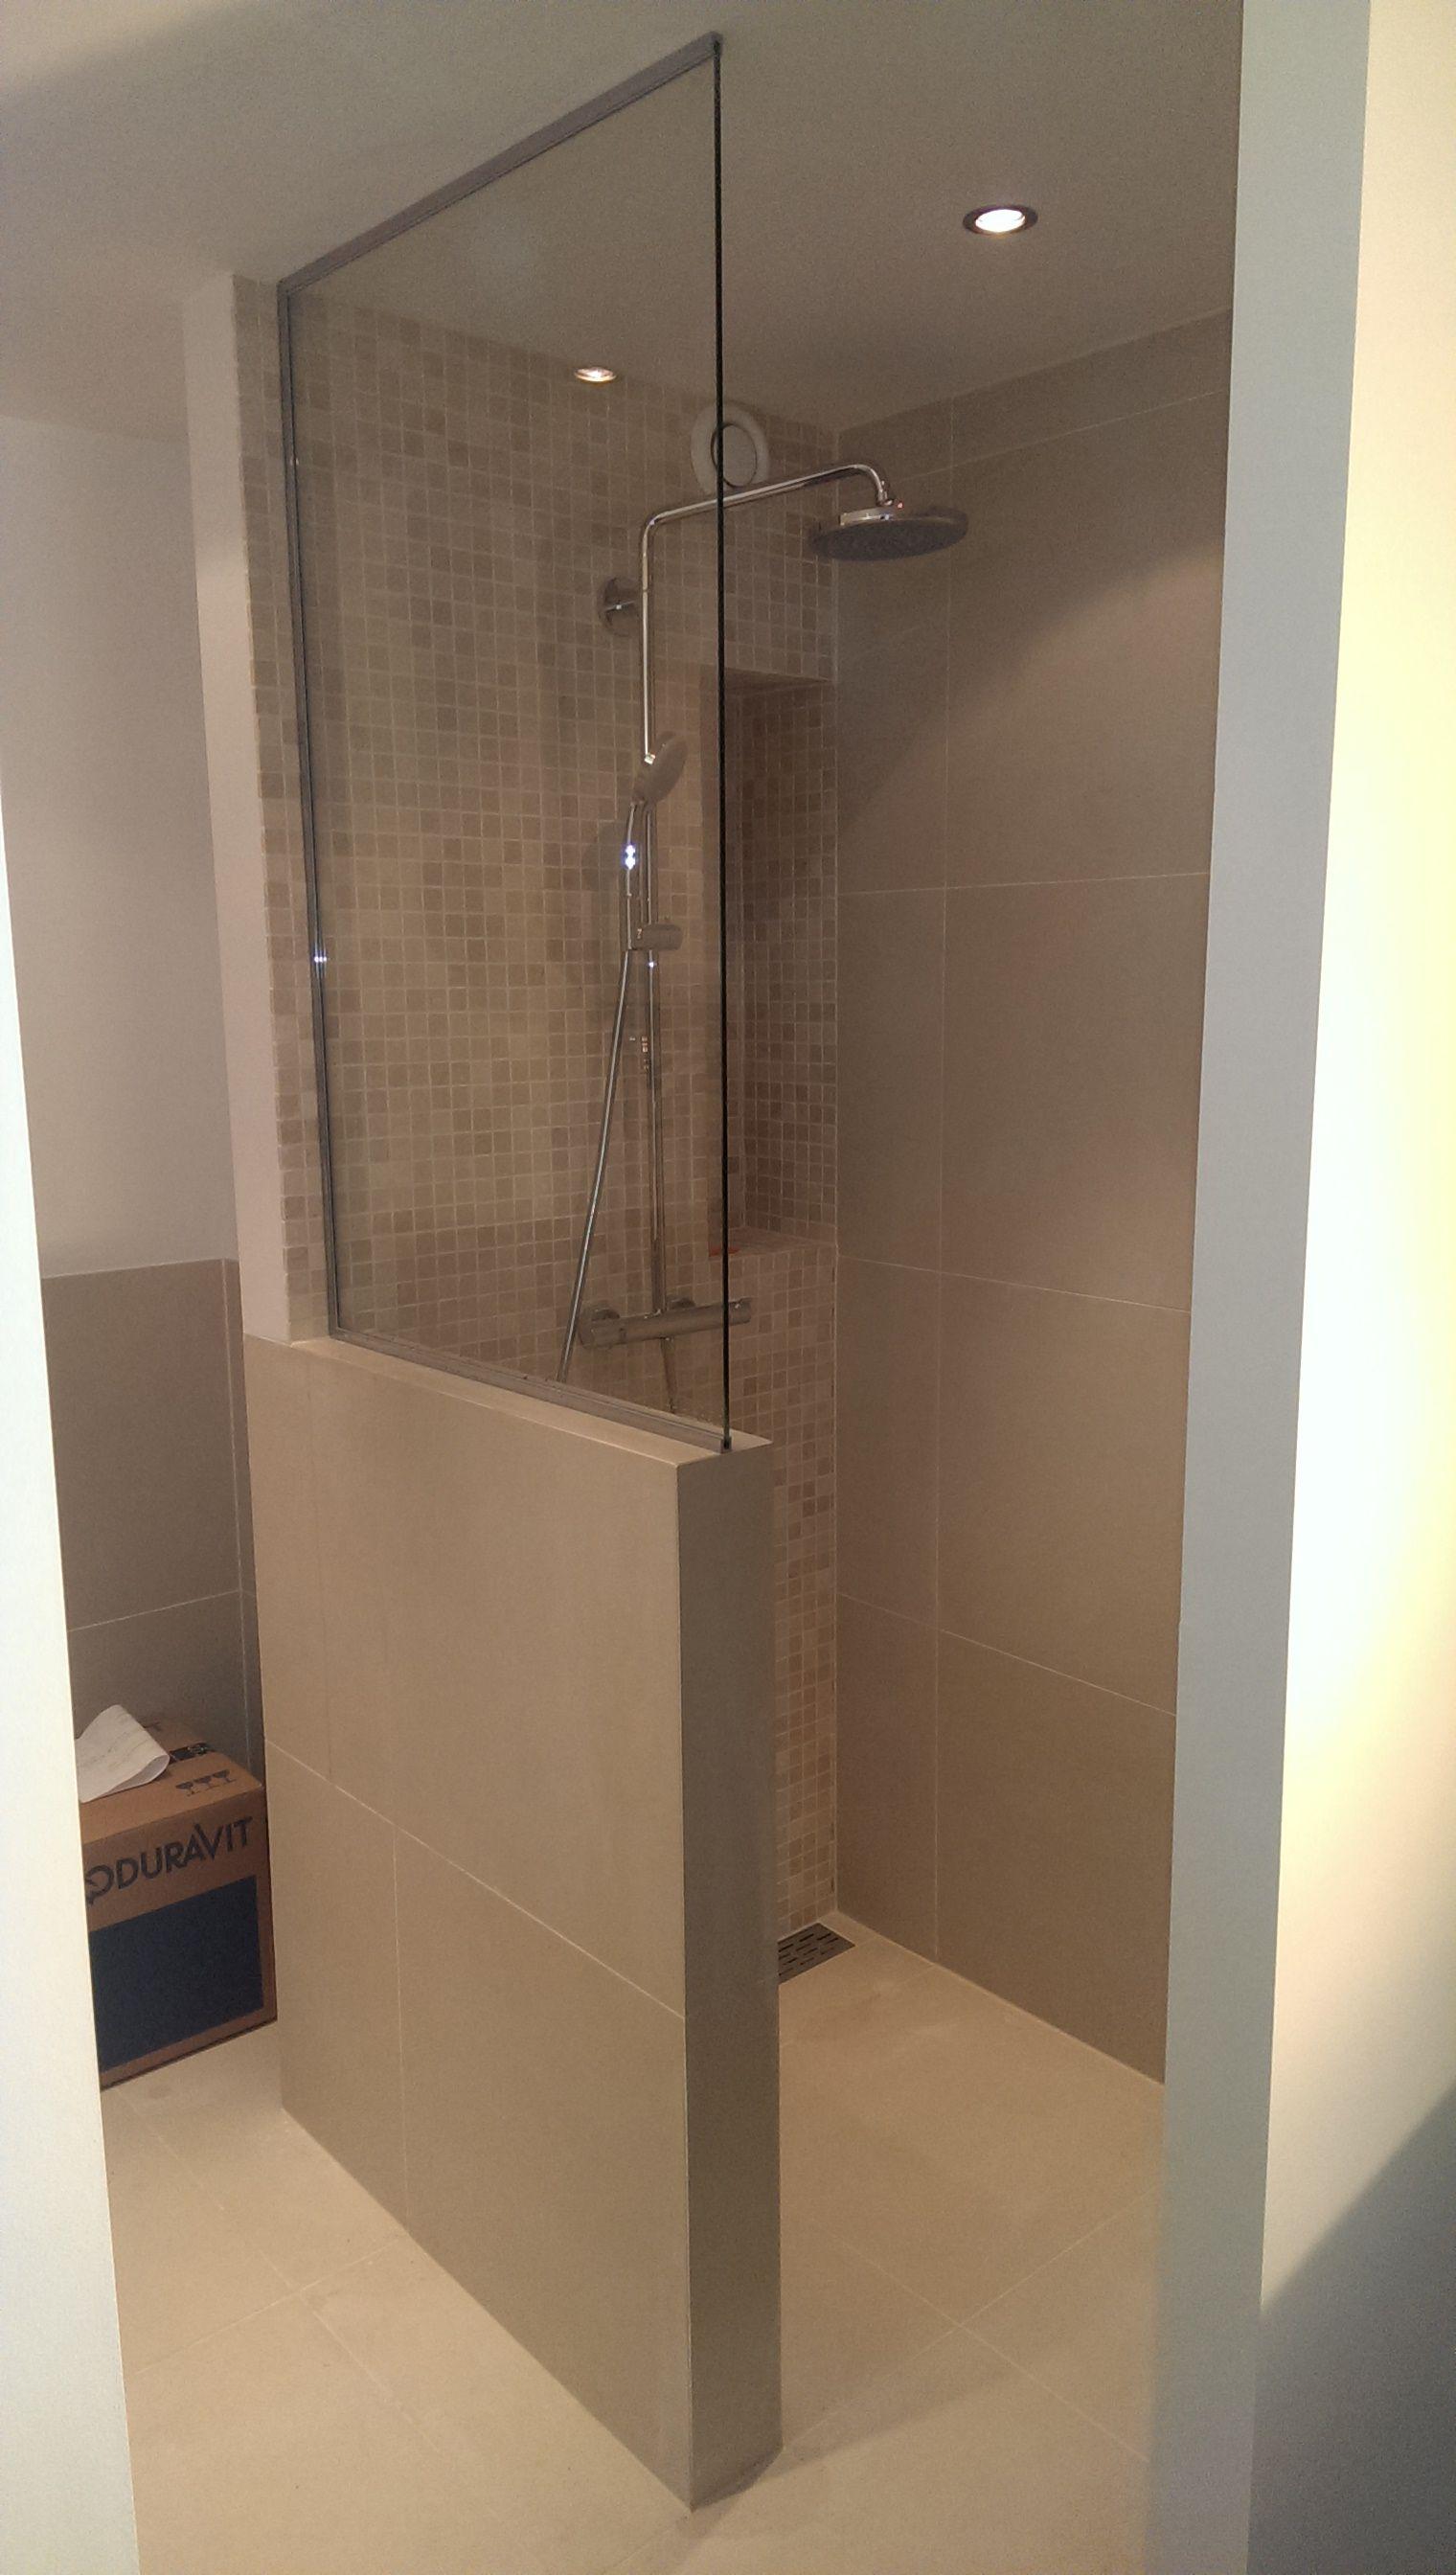 Inloopdouche vidre glastoepassingen | badkamer inspiratie | Badkamer ...